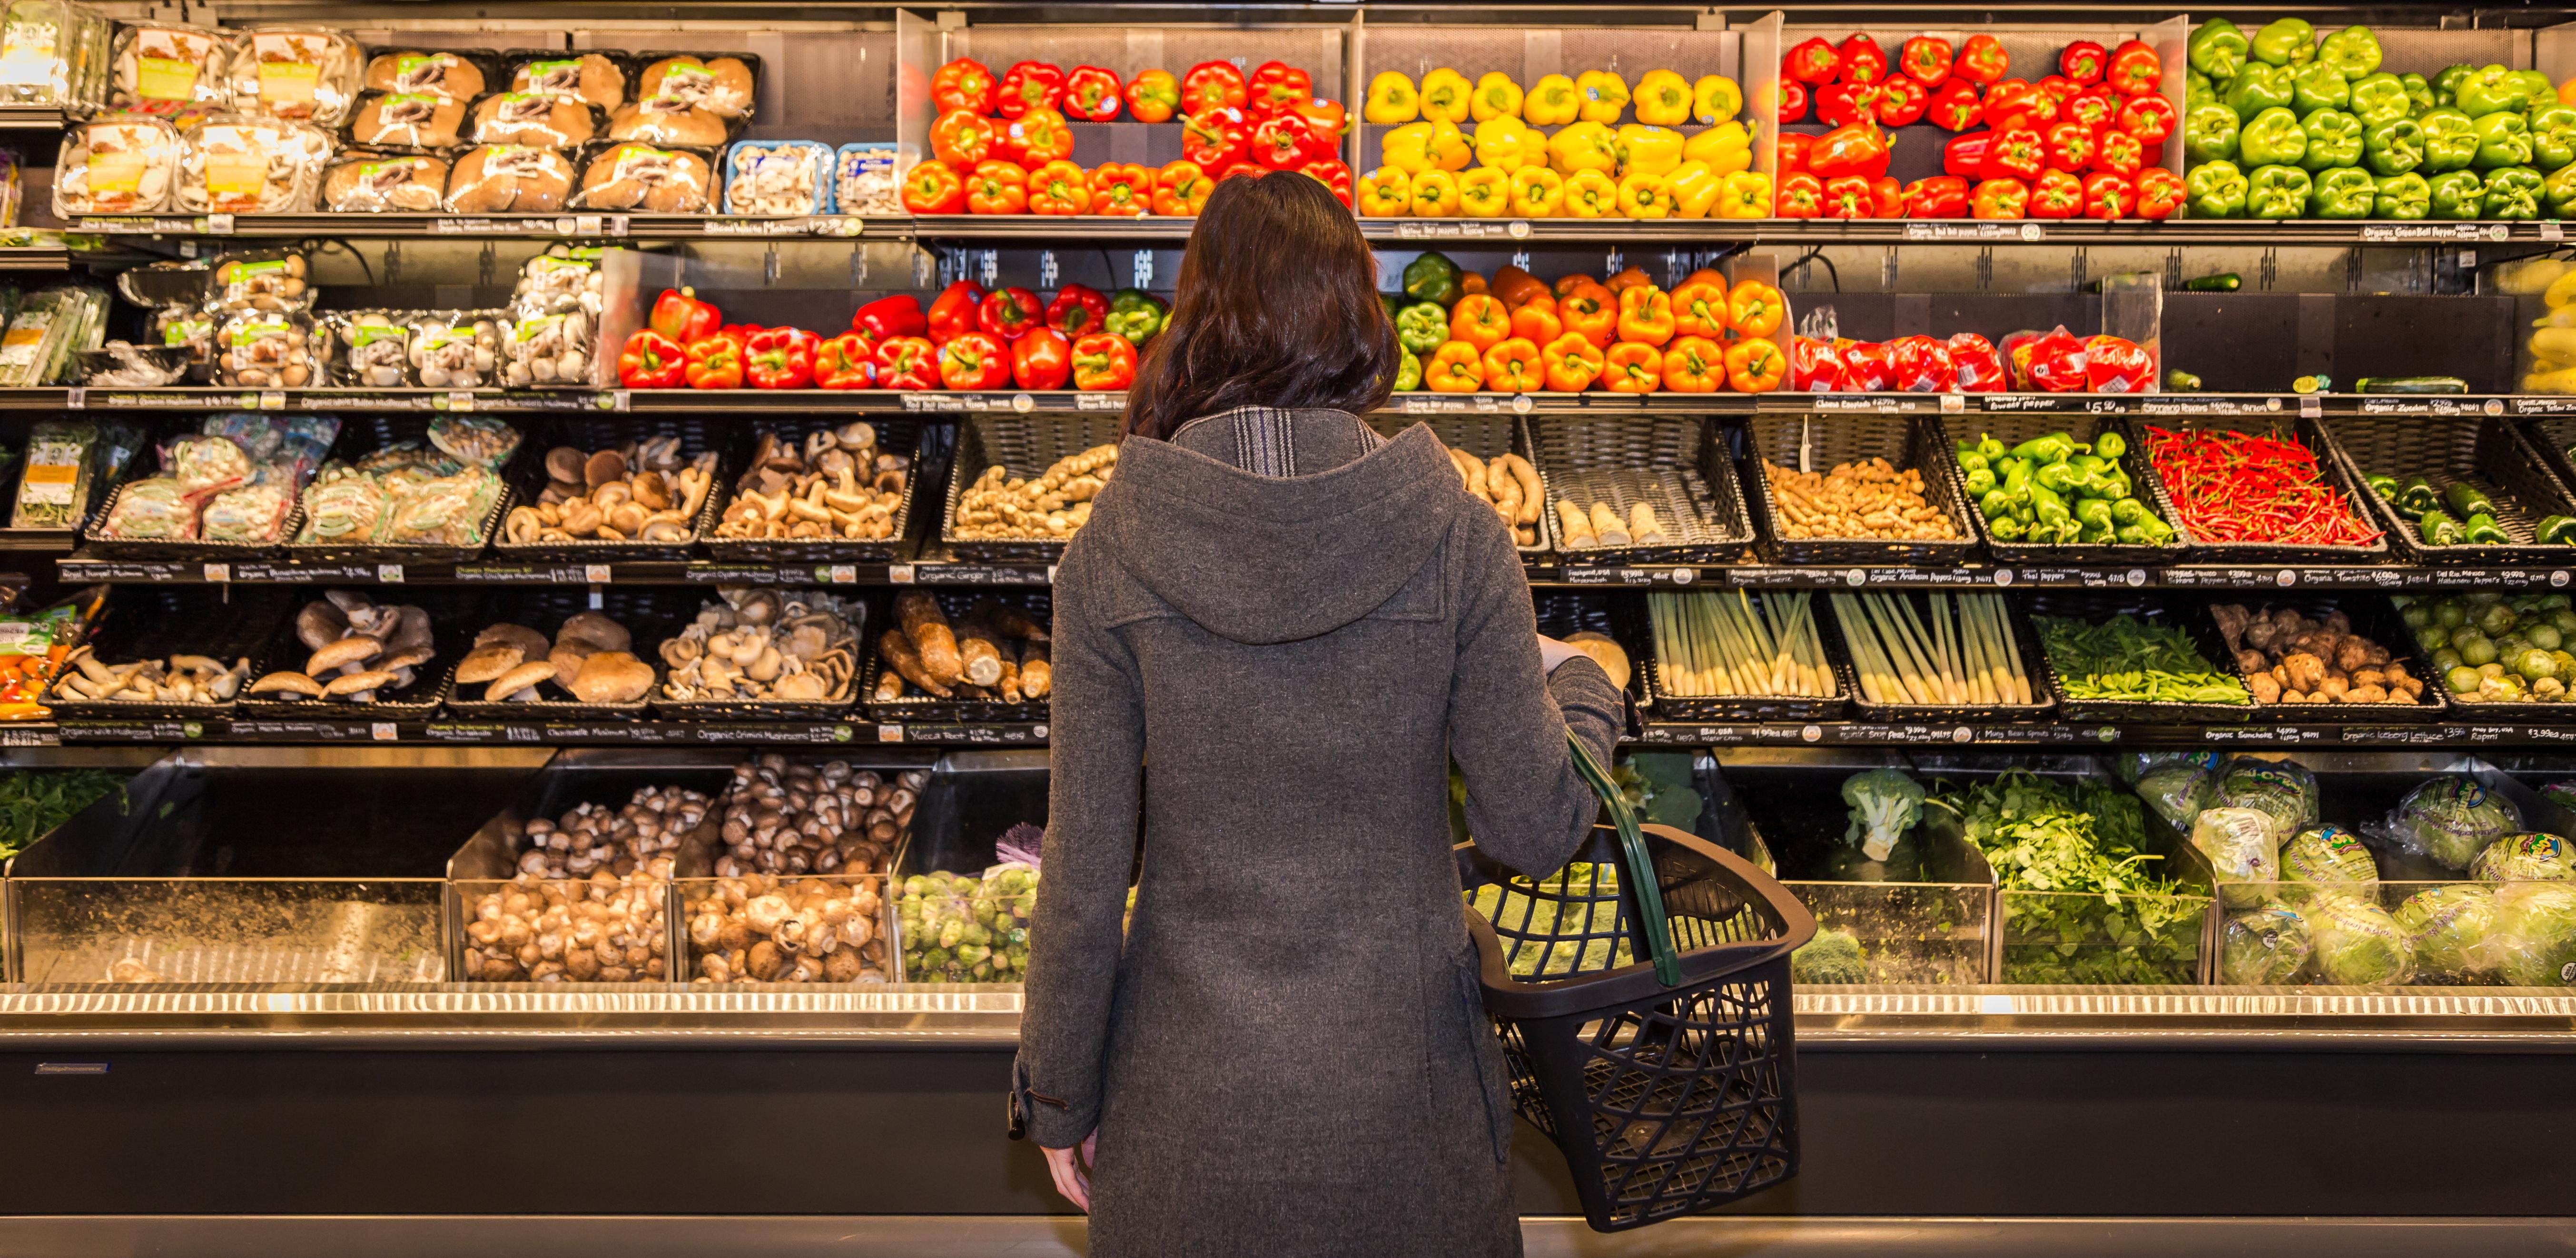 residuo0_supermercado